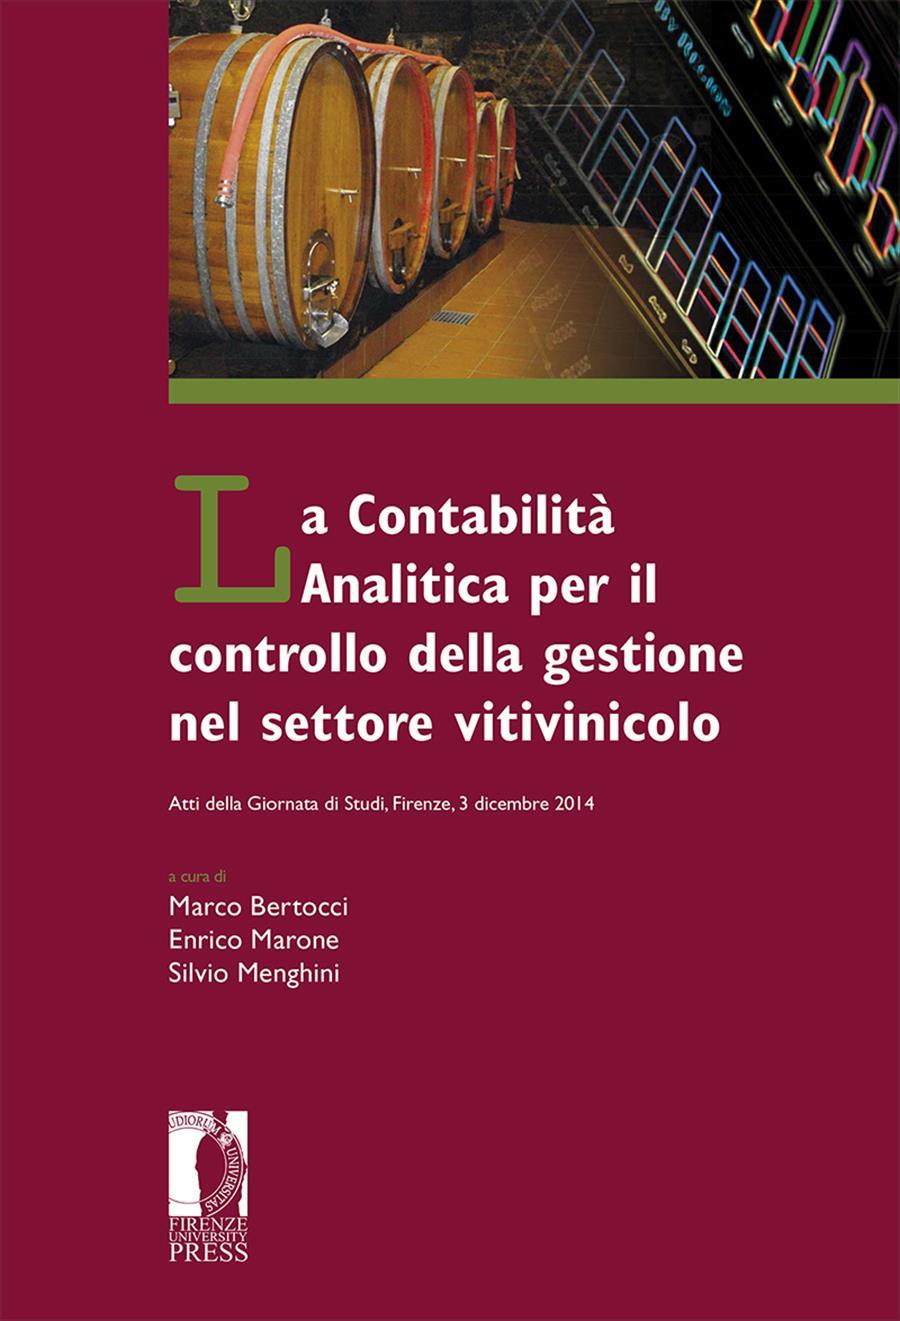 La Contabilità Analitica per il controllo della gestione nel settore vitivinicolo